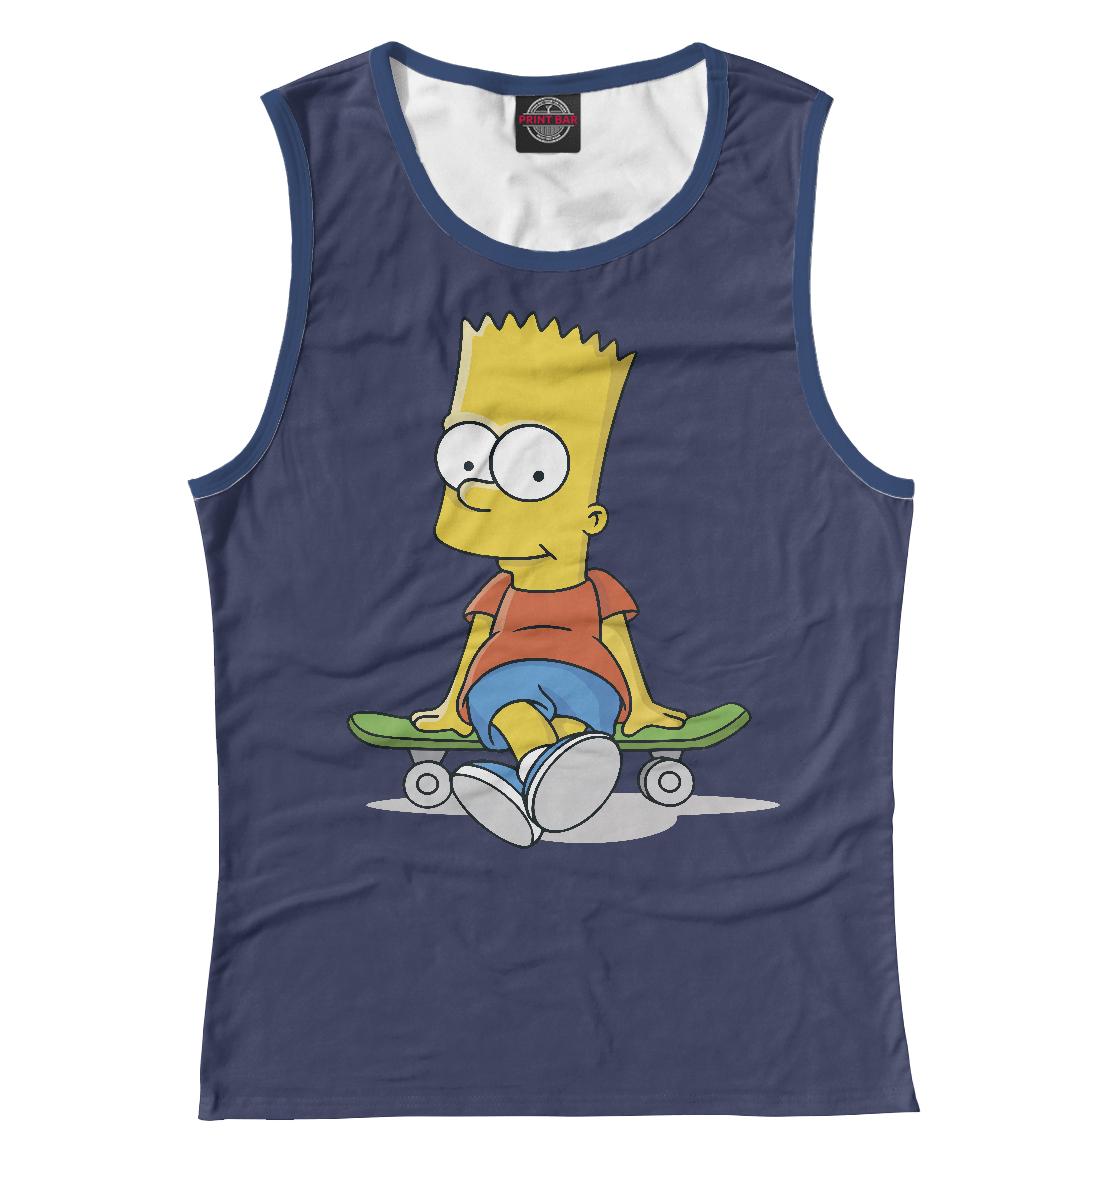 Купить Барт Симпсон, Printbar, Майки, SIM-164670-may-1